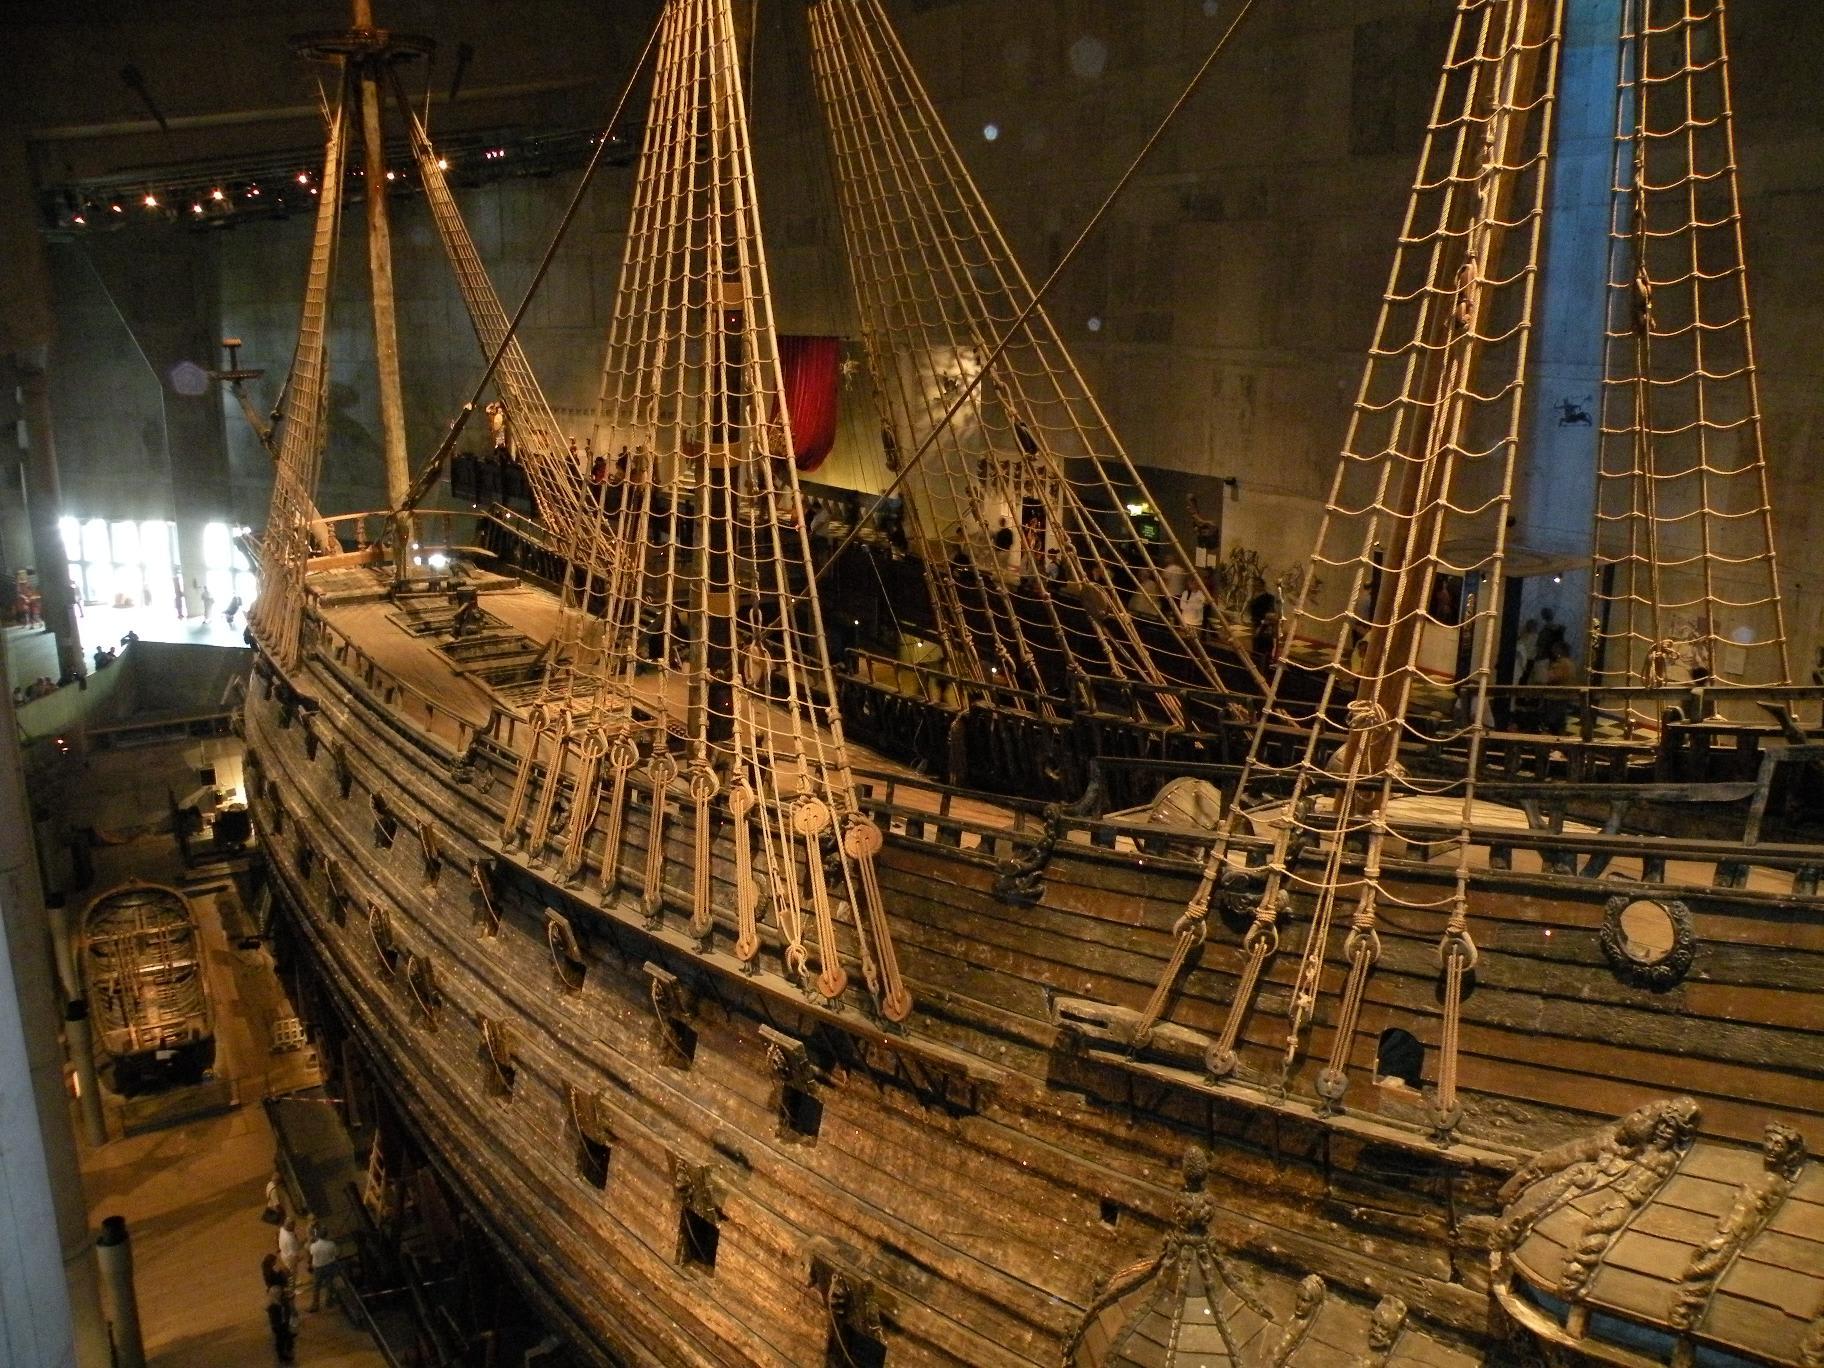 ヴァーサ号博物館 (ストックホルム) - 北欧スウェーデンの風